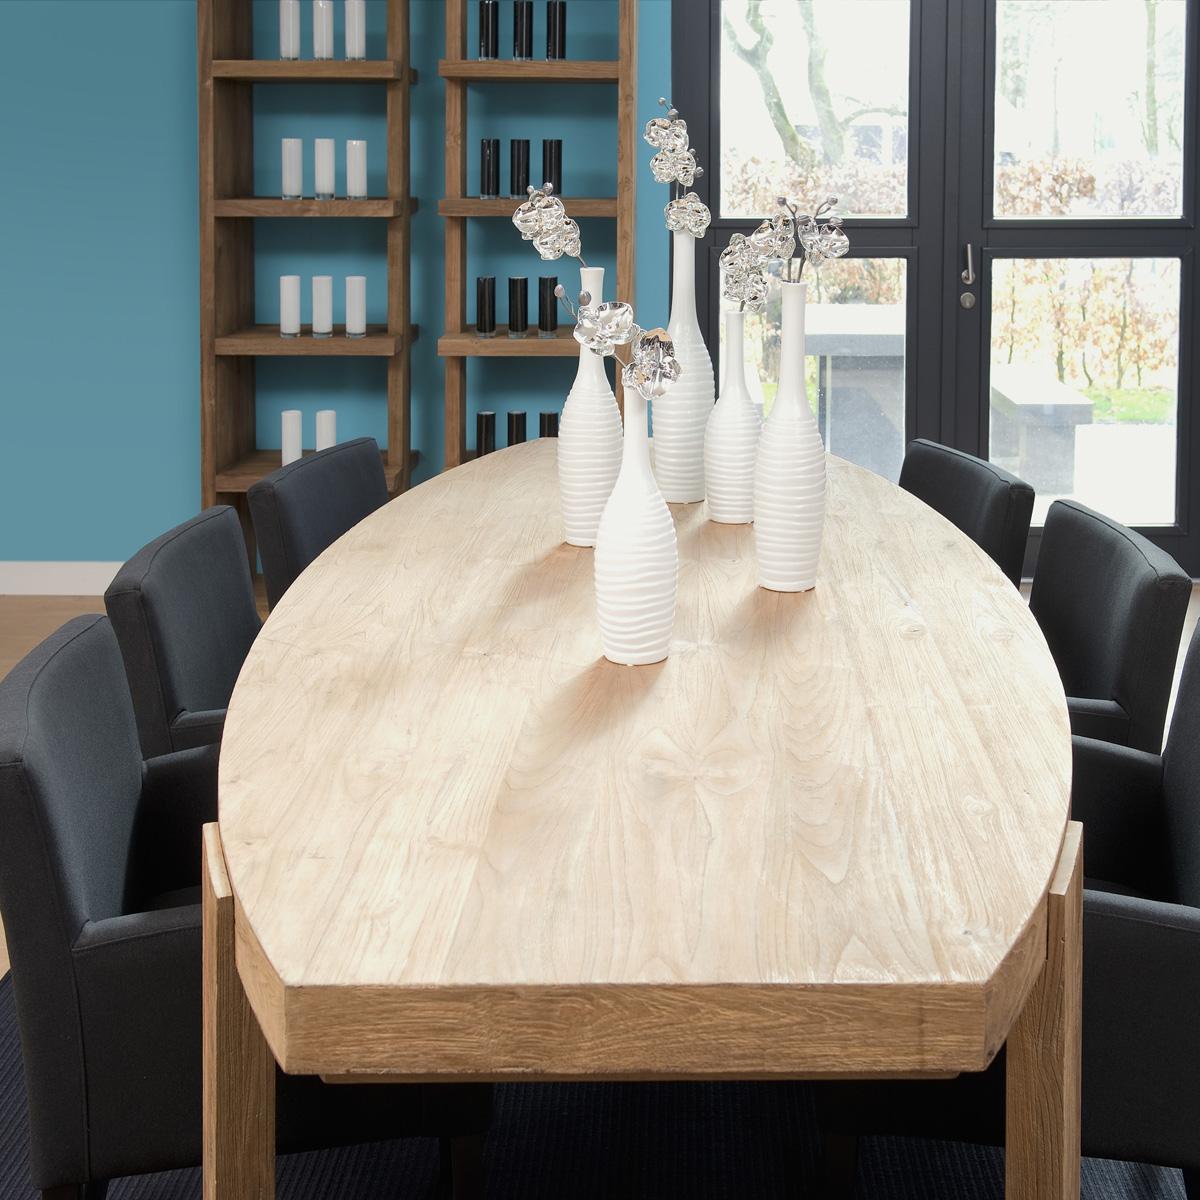 Обеденный стол Lekku 260 - Roomble - RoombleОбеденные столы<br>Огромный обеденный стол овальной формы и рустикального дизайна из массива тика. За таким шикарным столом всегда приятно собраться в кругу семьи и друзей.<br><br>Бренд: Teak House<br>Цвет: Коричневый<br>Размеры: 260 x 110 x 78 cm